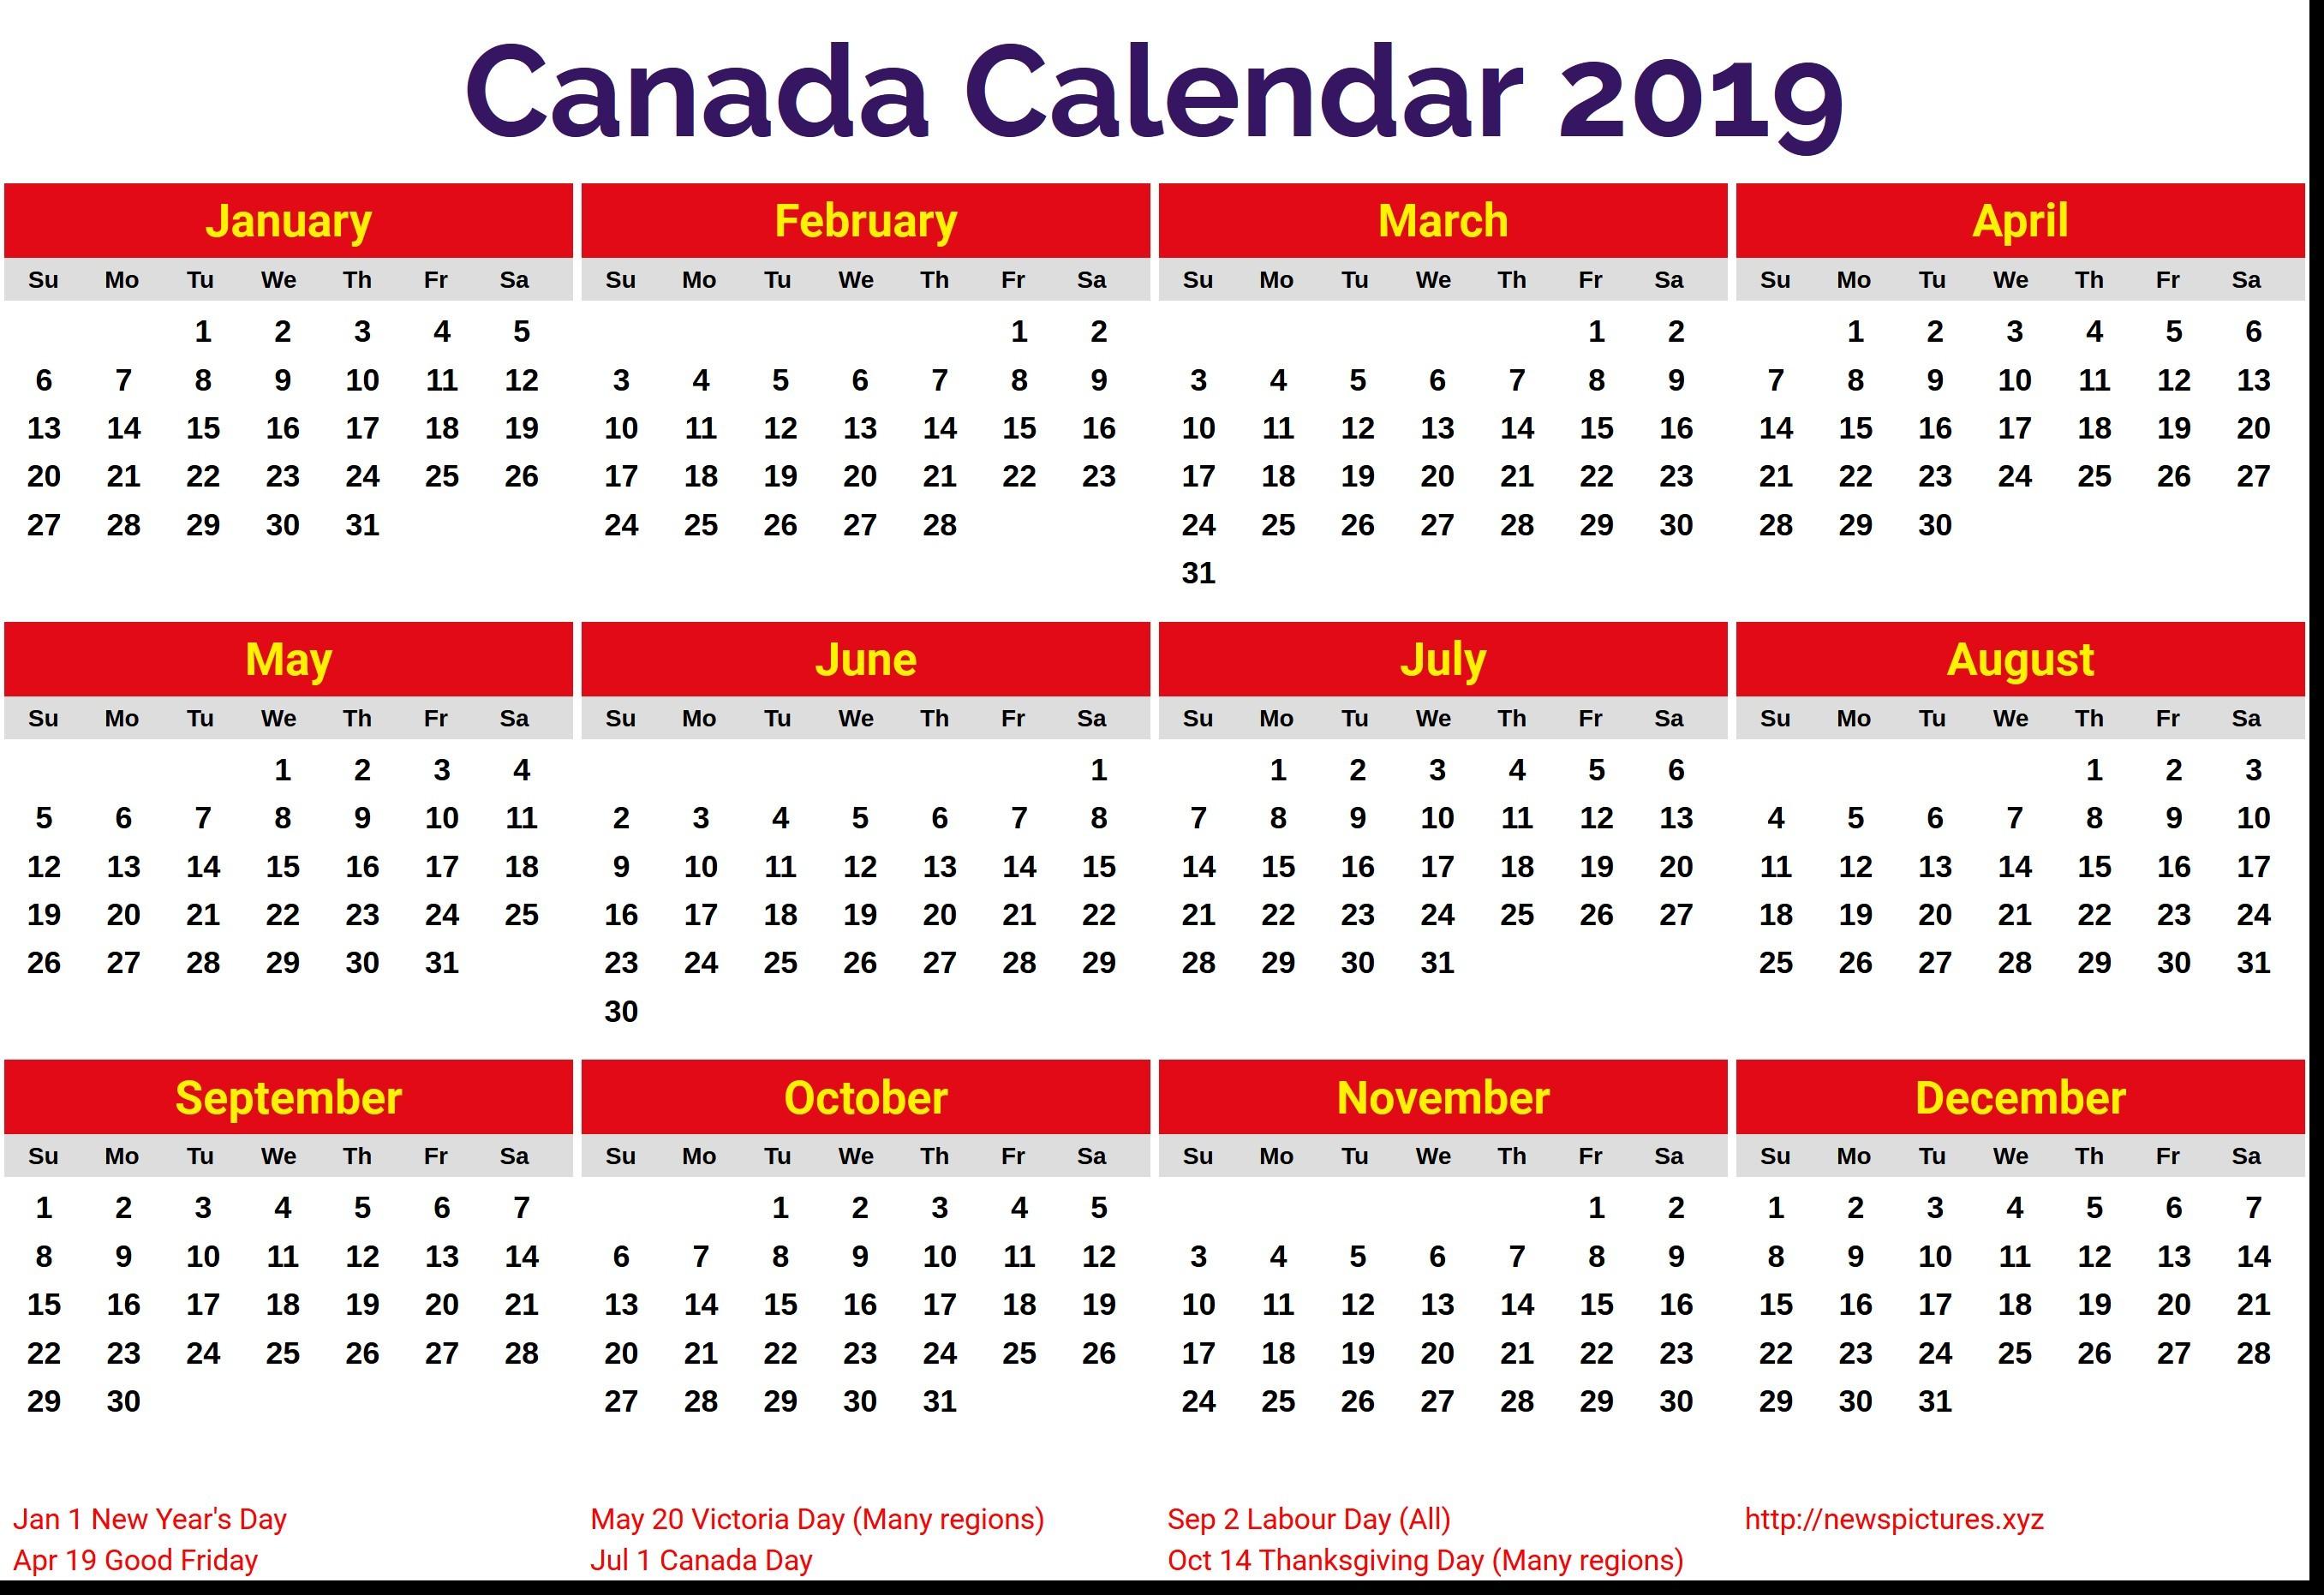 March Calendar Canada Mejores Y Más Novedosos 2019 Yearly Calendar Word Lara Expolicenciaslatam Of March Calendar Canada Más Recientes Flowers March 2019 Desktop Calendar March March2019